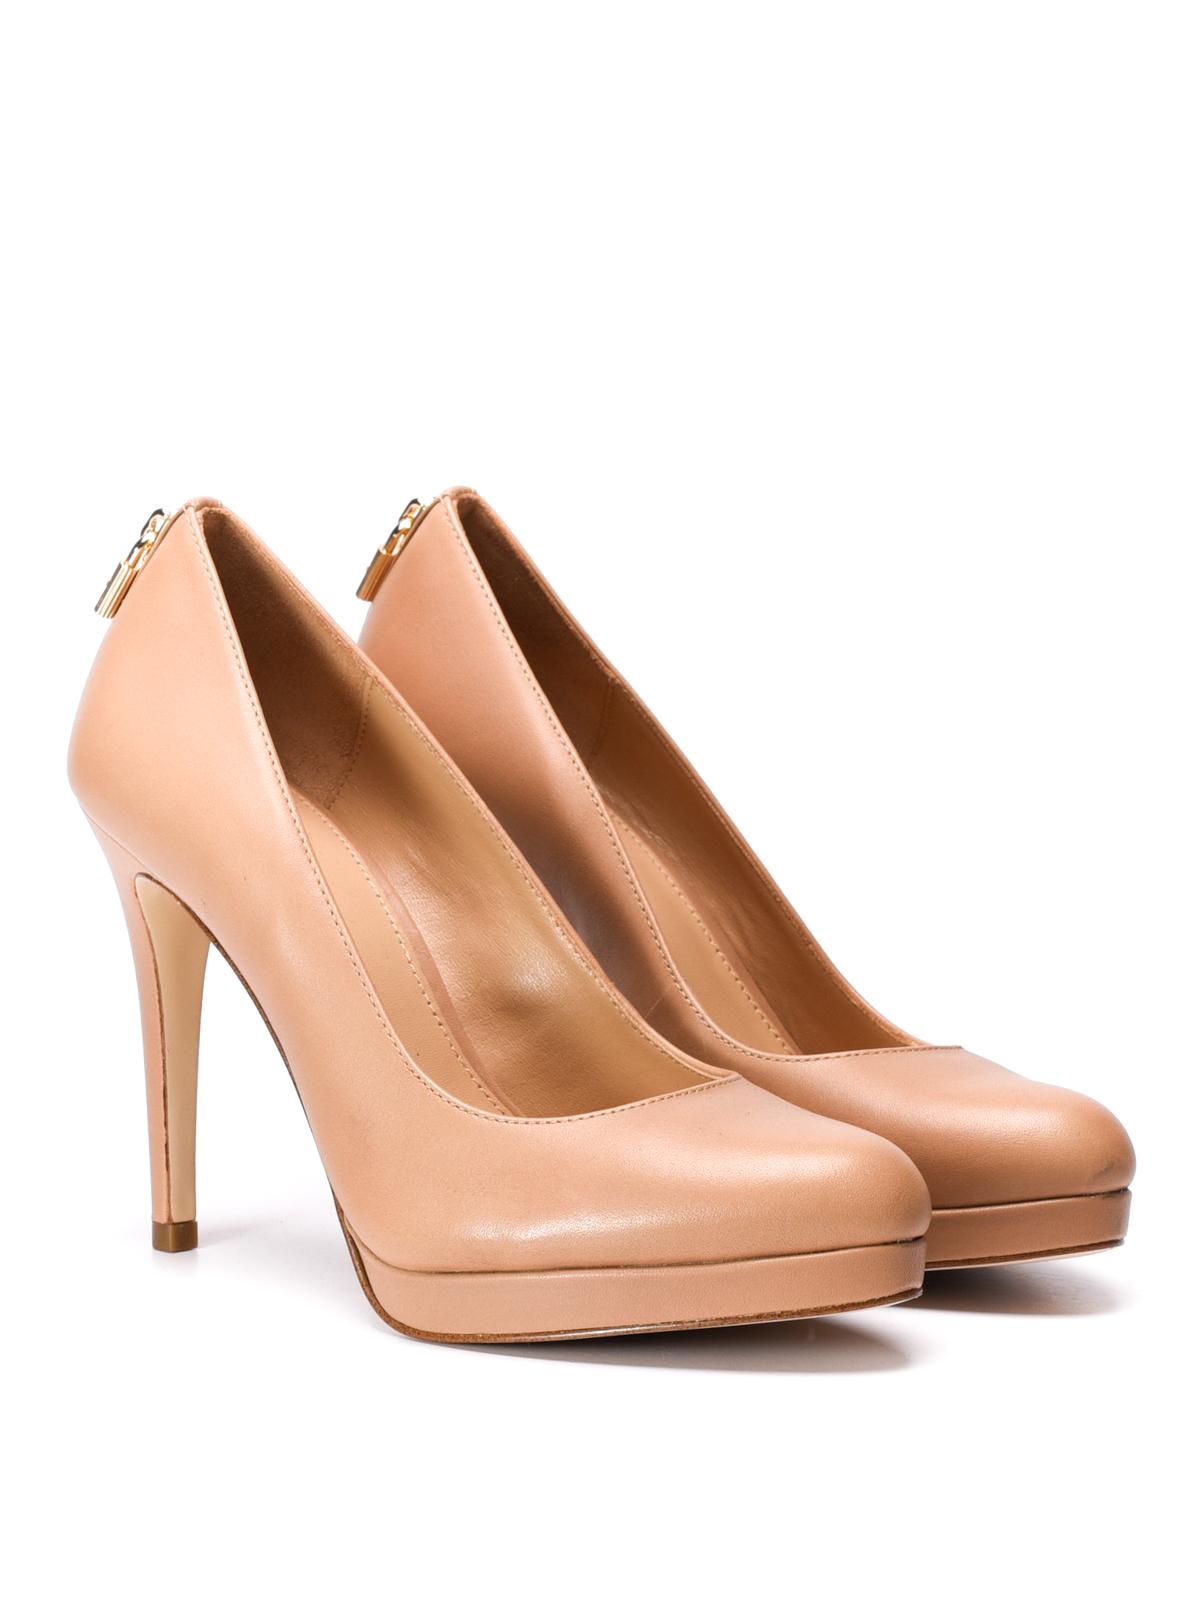 48d63db33e0a MICHAEL KORS  court shoes online - Antoinette leather platform pumps